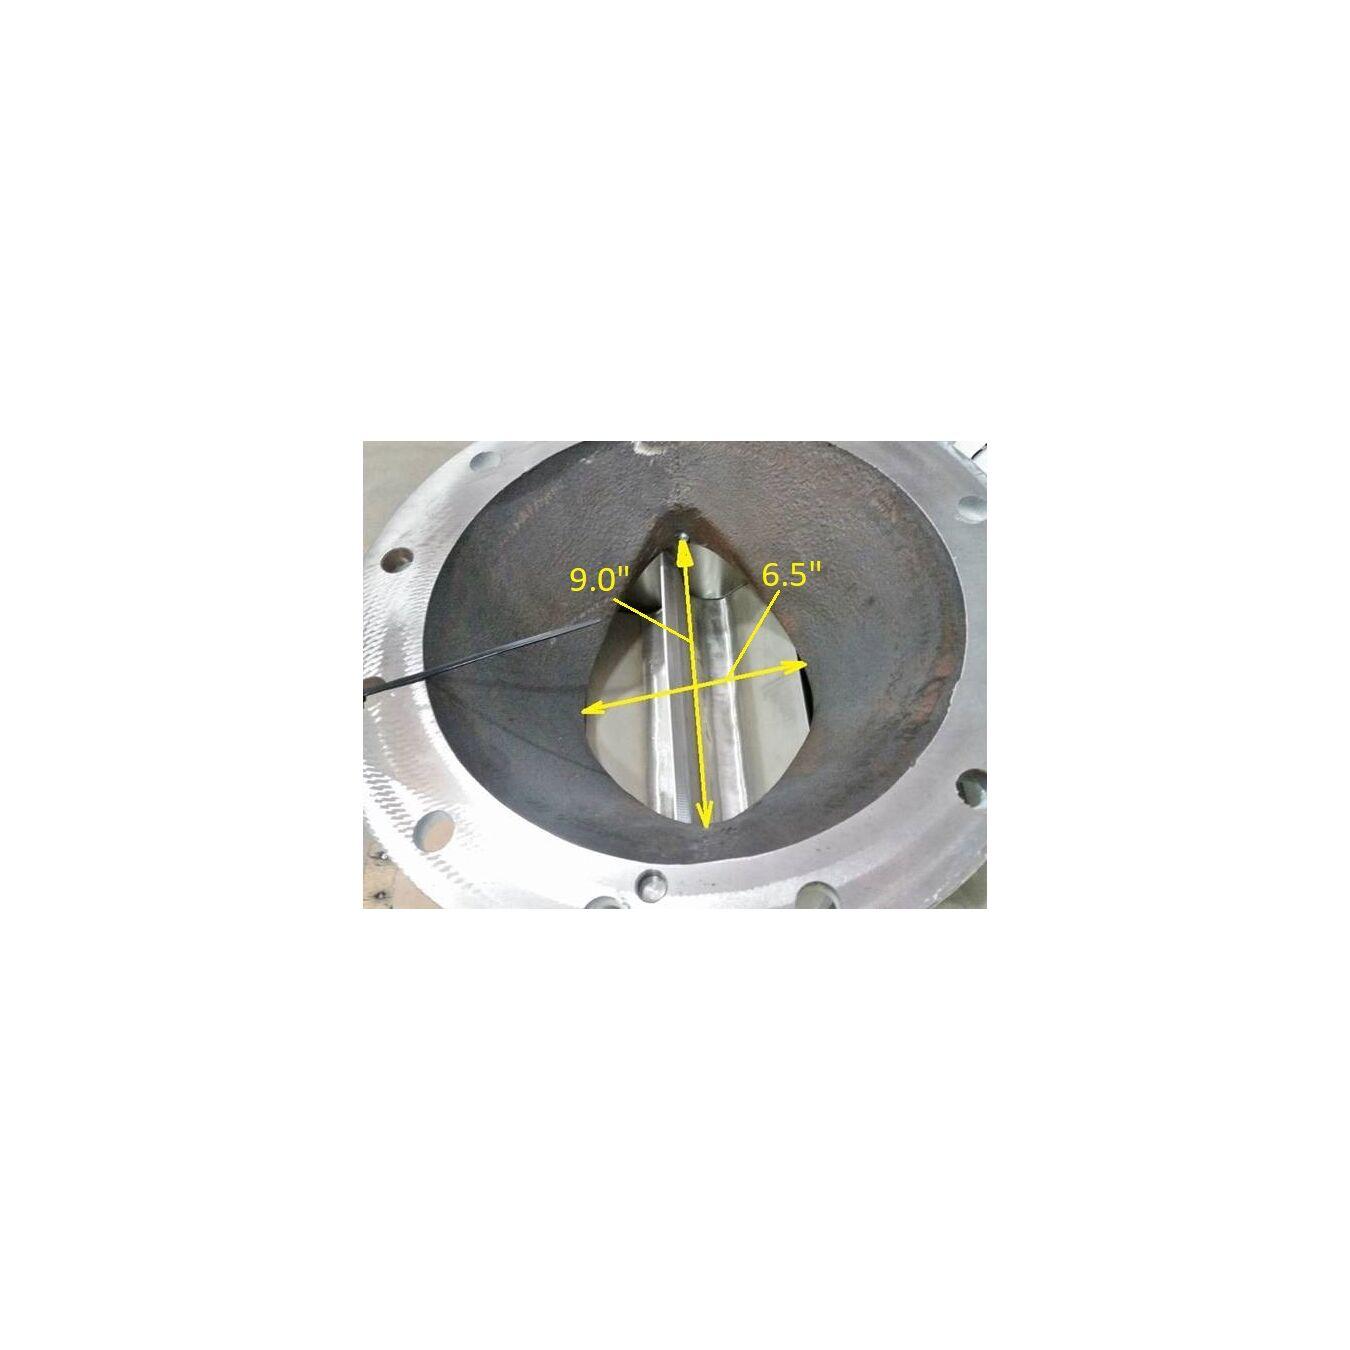 Schenck Load Cell Wiring Diagram